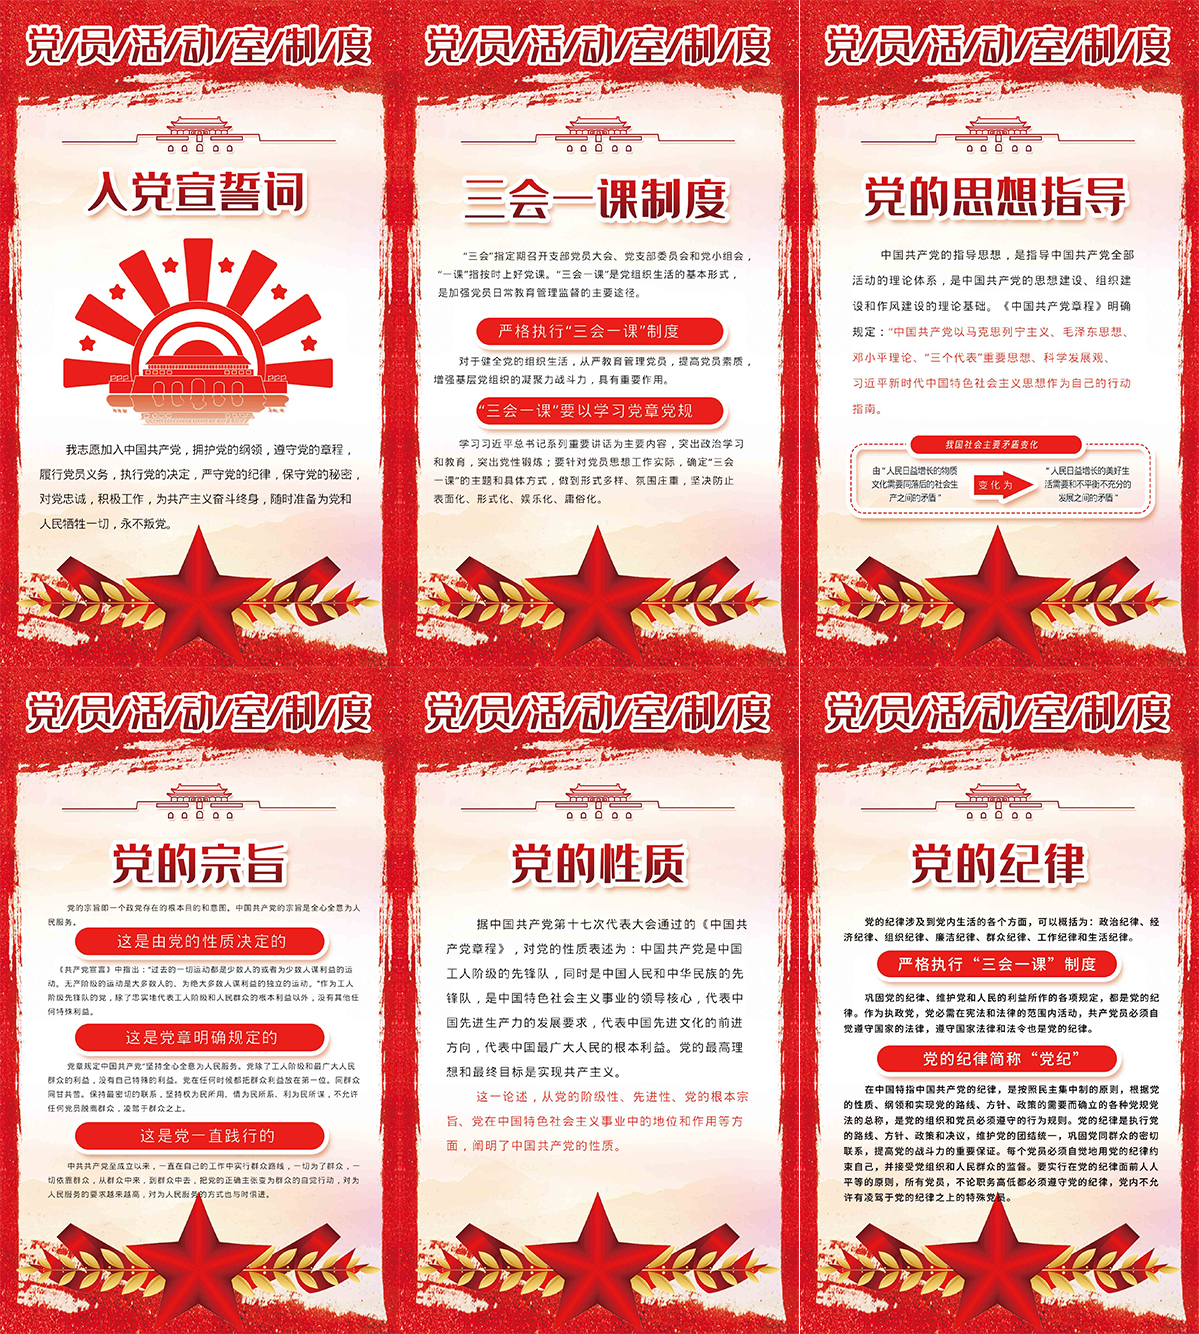 12套党建制度入党誓词三会一课海报模板素材-设计酷-设计酷COOK-这设计很酷COOL